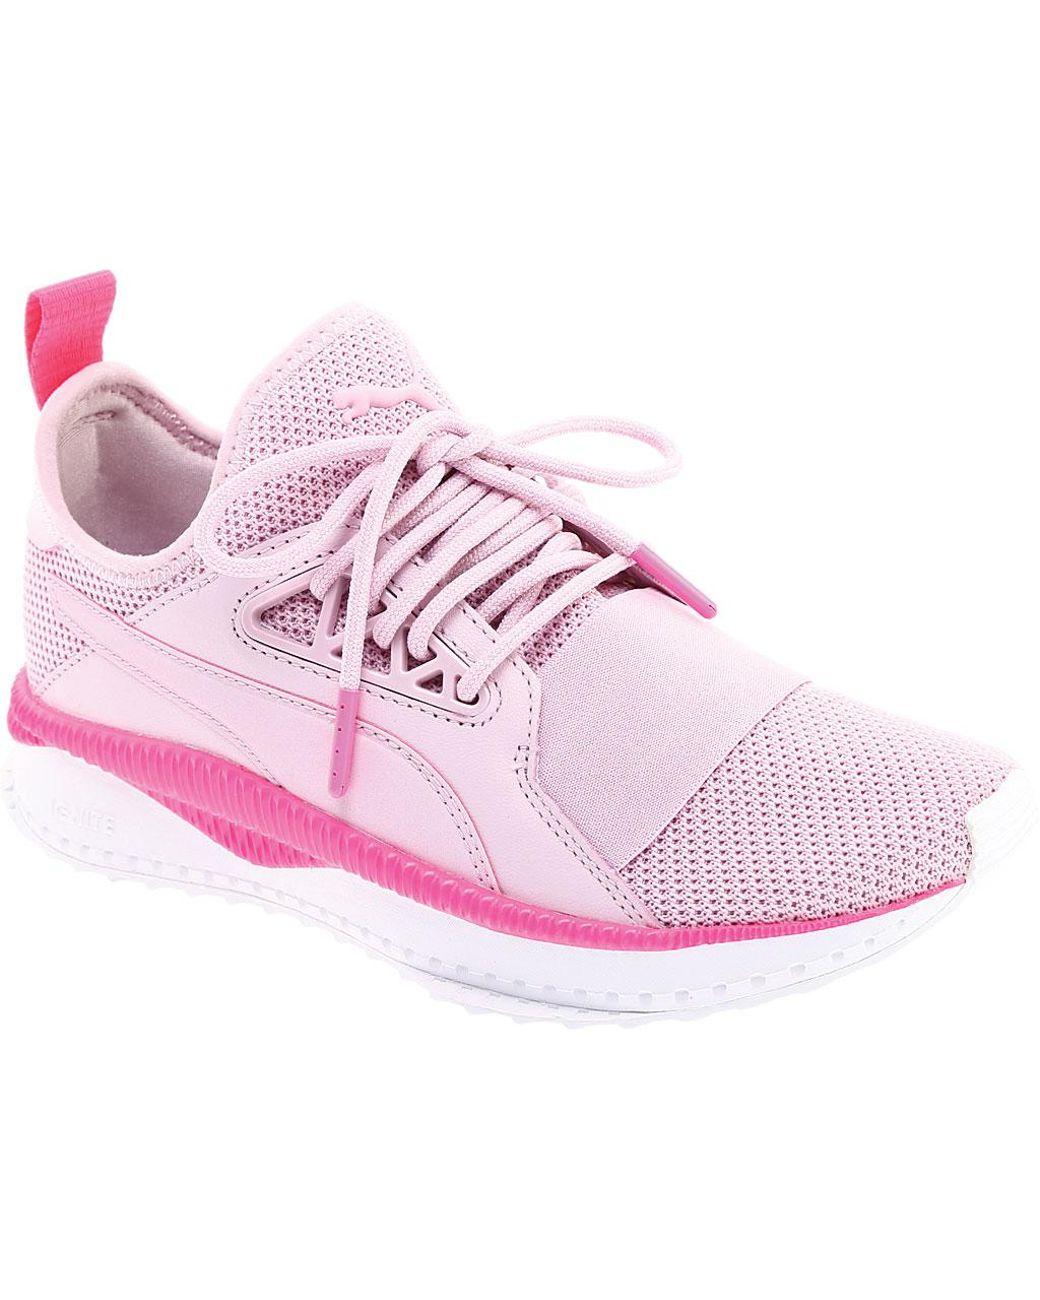 PUMA Tsugi Apex Jewel Street2 Sneaker in Pink Save 13% Lyst